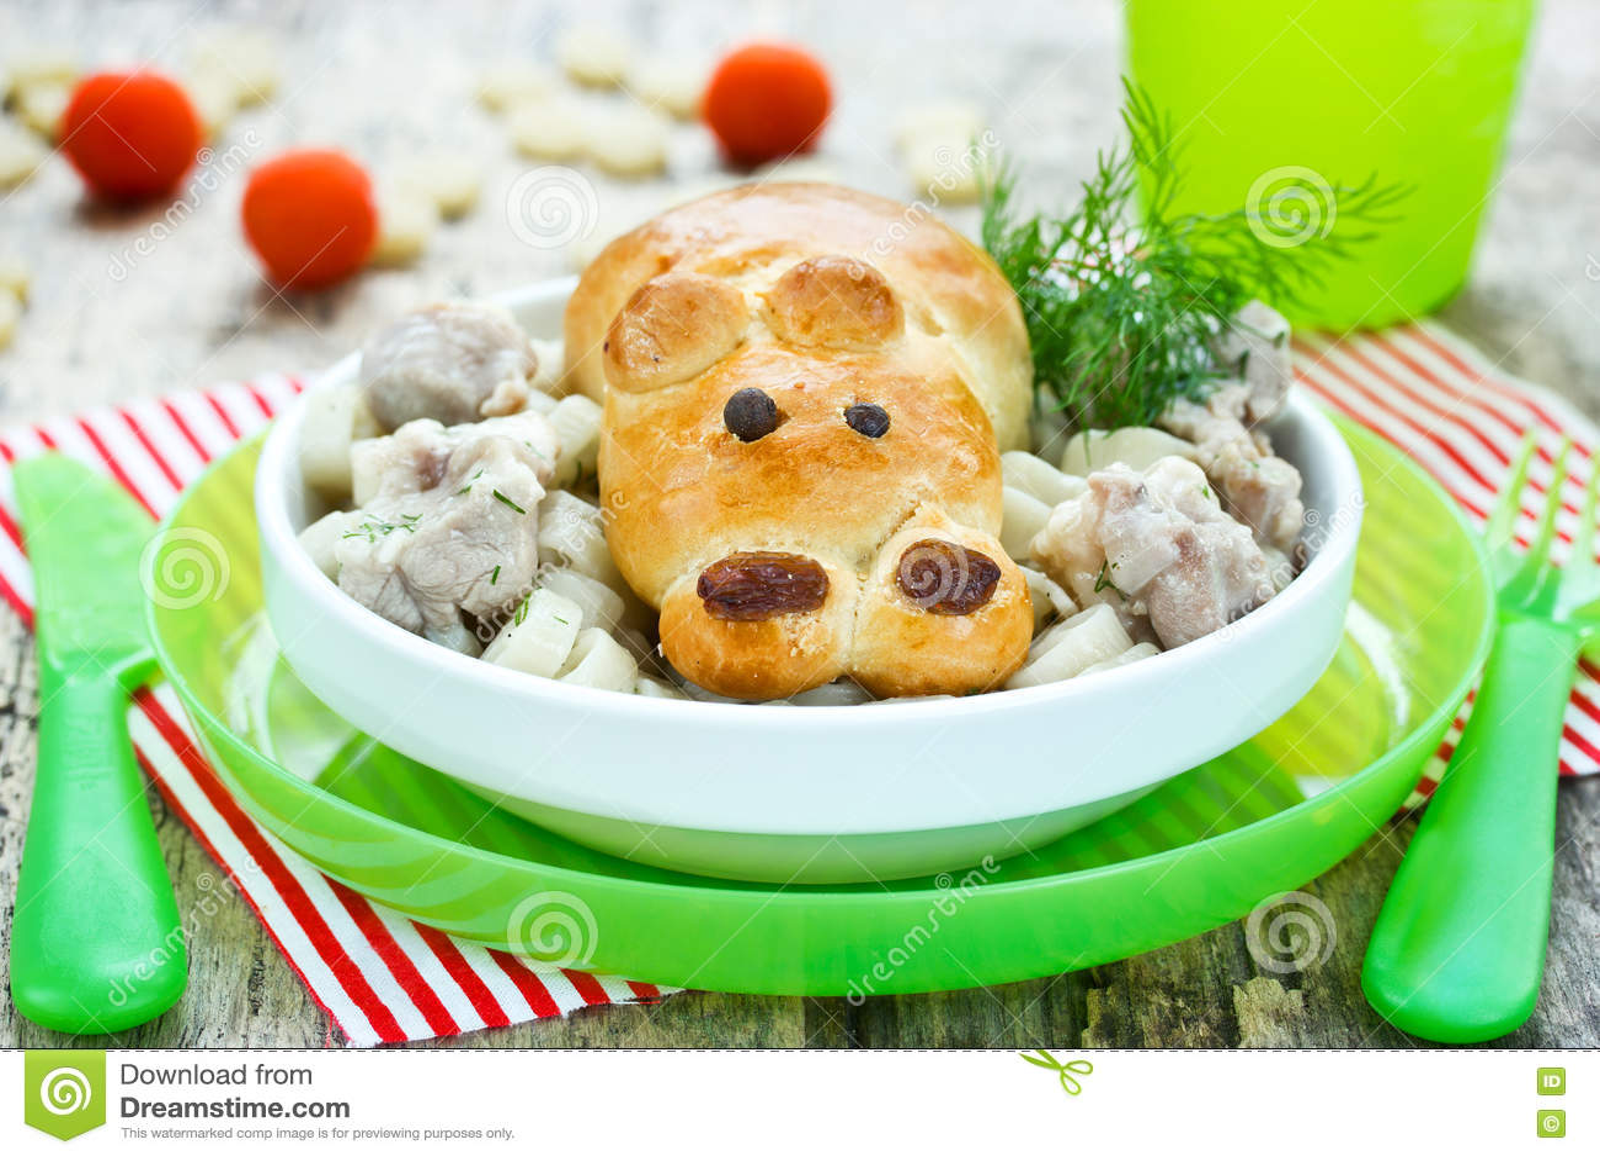 La viande de ragoût avec le petit pain a formé l hippopotame drôle - idée créative pour les enfants d